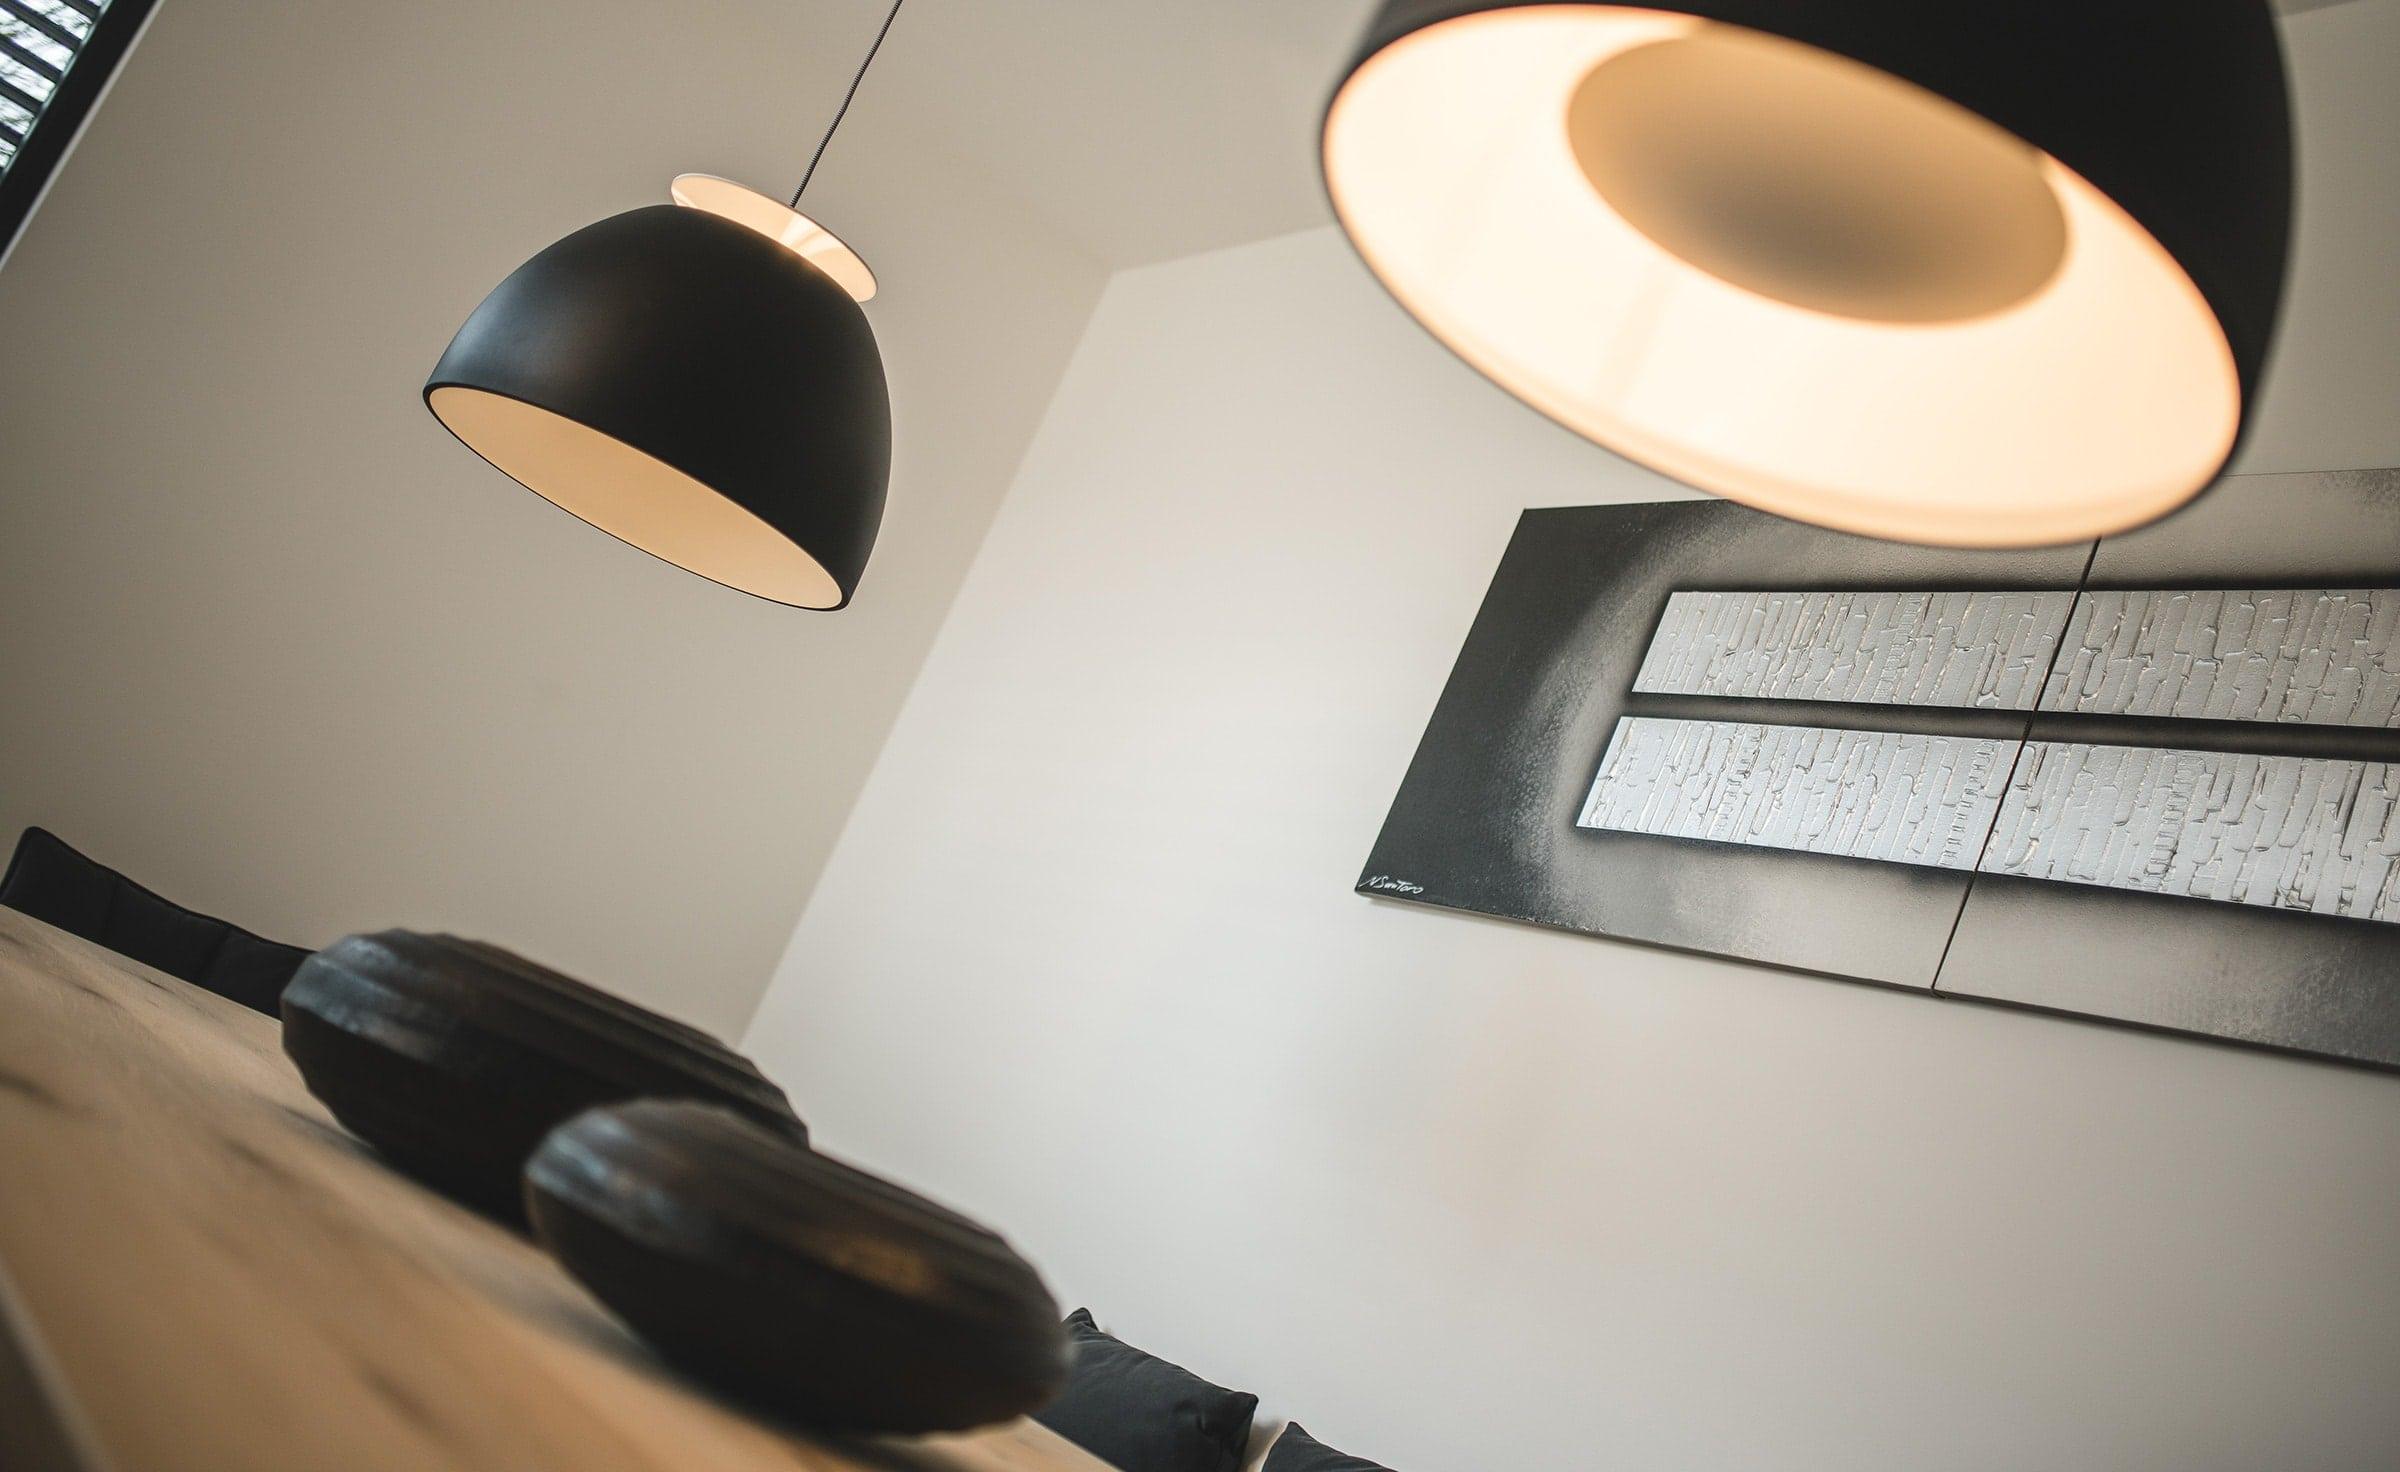 Inneneinrichtung und Lampen nach Umbau durch Parga Braunschweig